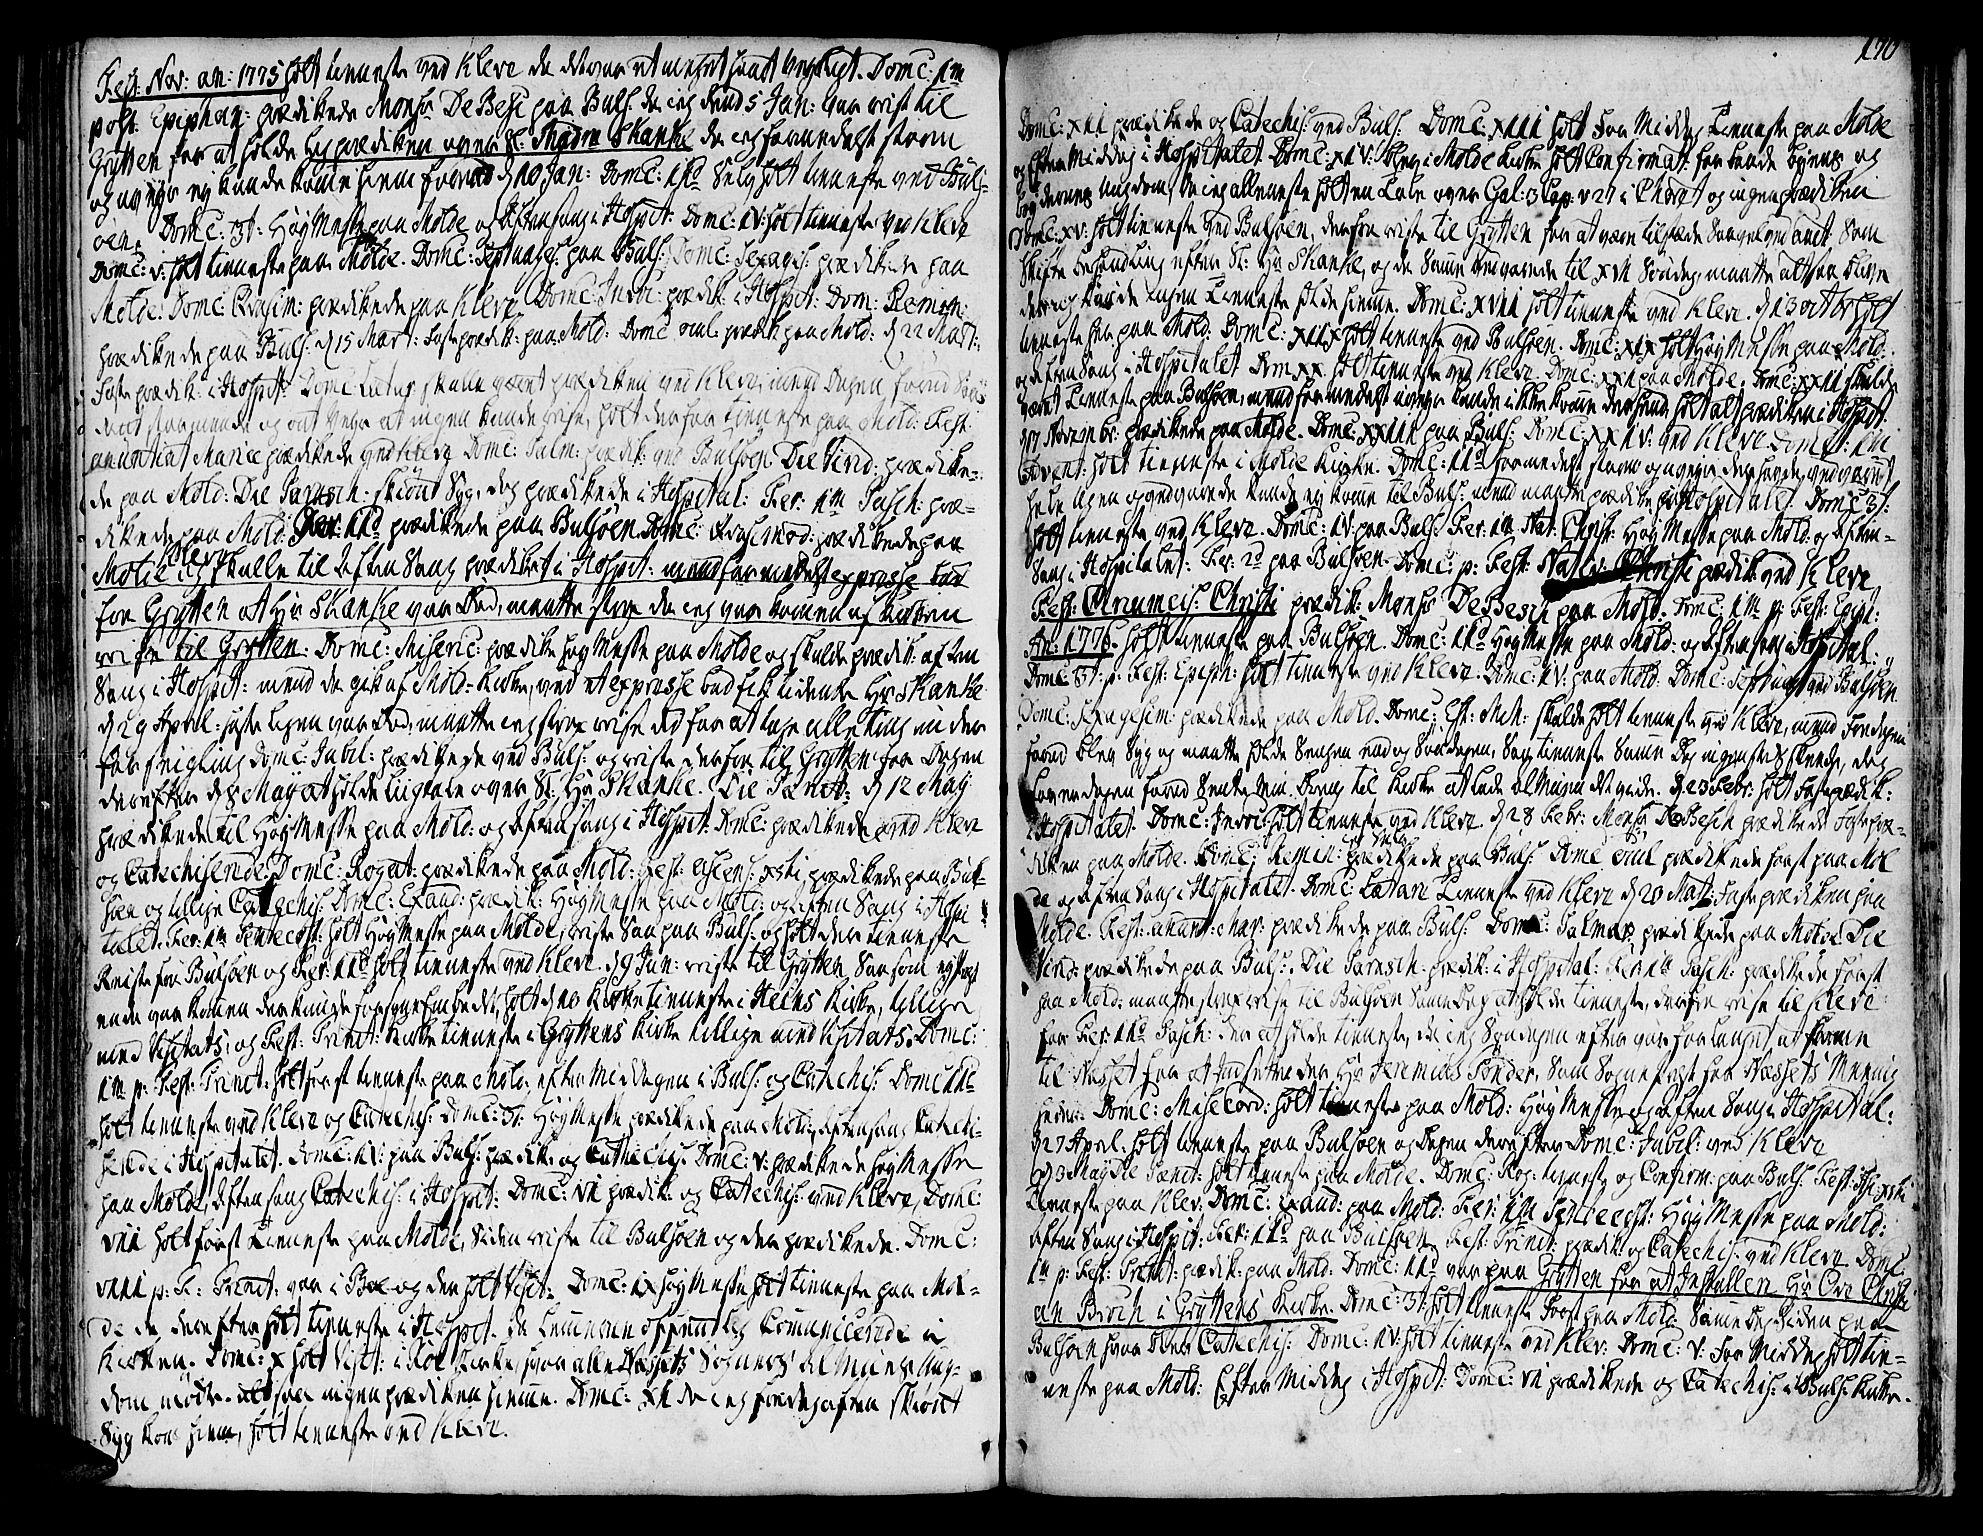 SAT, Ministerialprotokoller, klokkerbøker og fødselsregistre - Møre og Romsdal, 555/L0648: Ministerialbok nr. 555A01, 1759-1793, s. 170